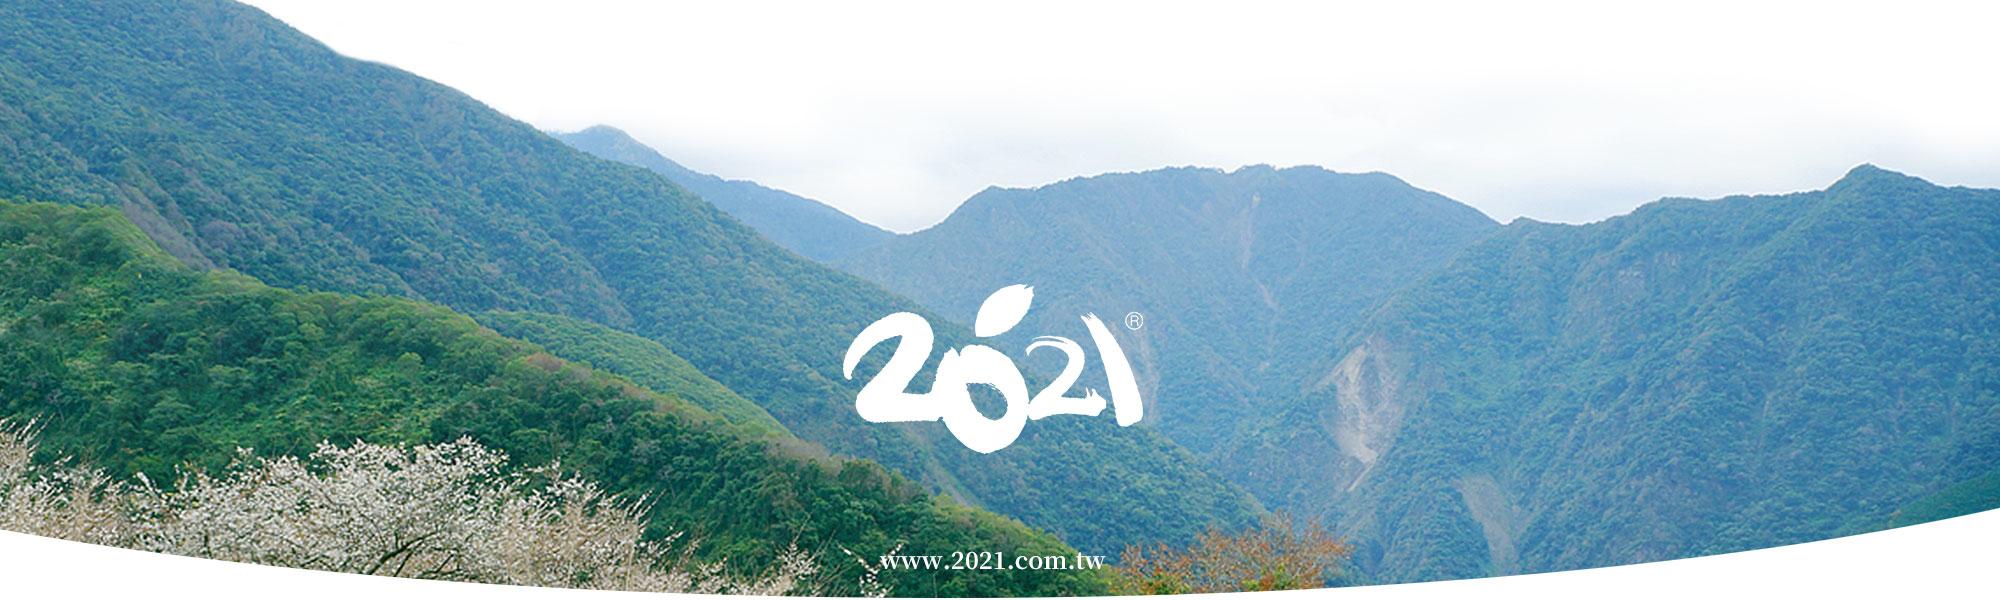 2021社會企業-共好、永續的「老梅經濟圈」